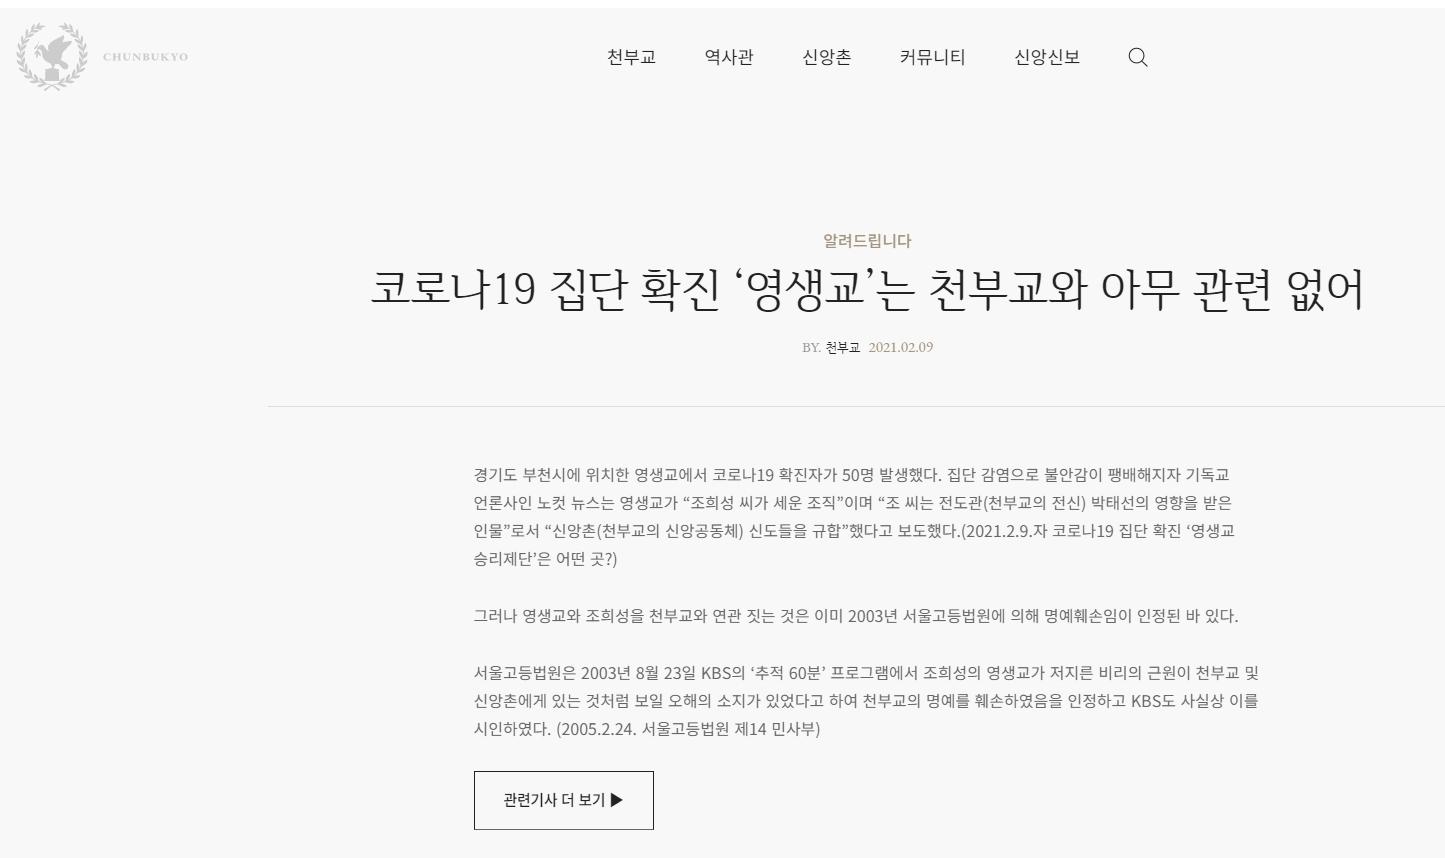 """천부교 """"코로나19 집단 감염 발생한 영생교와 전혀 관계 없다"""""""